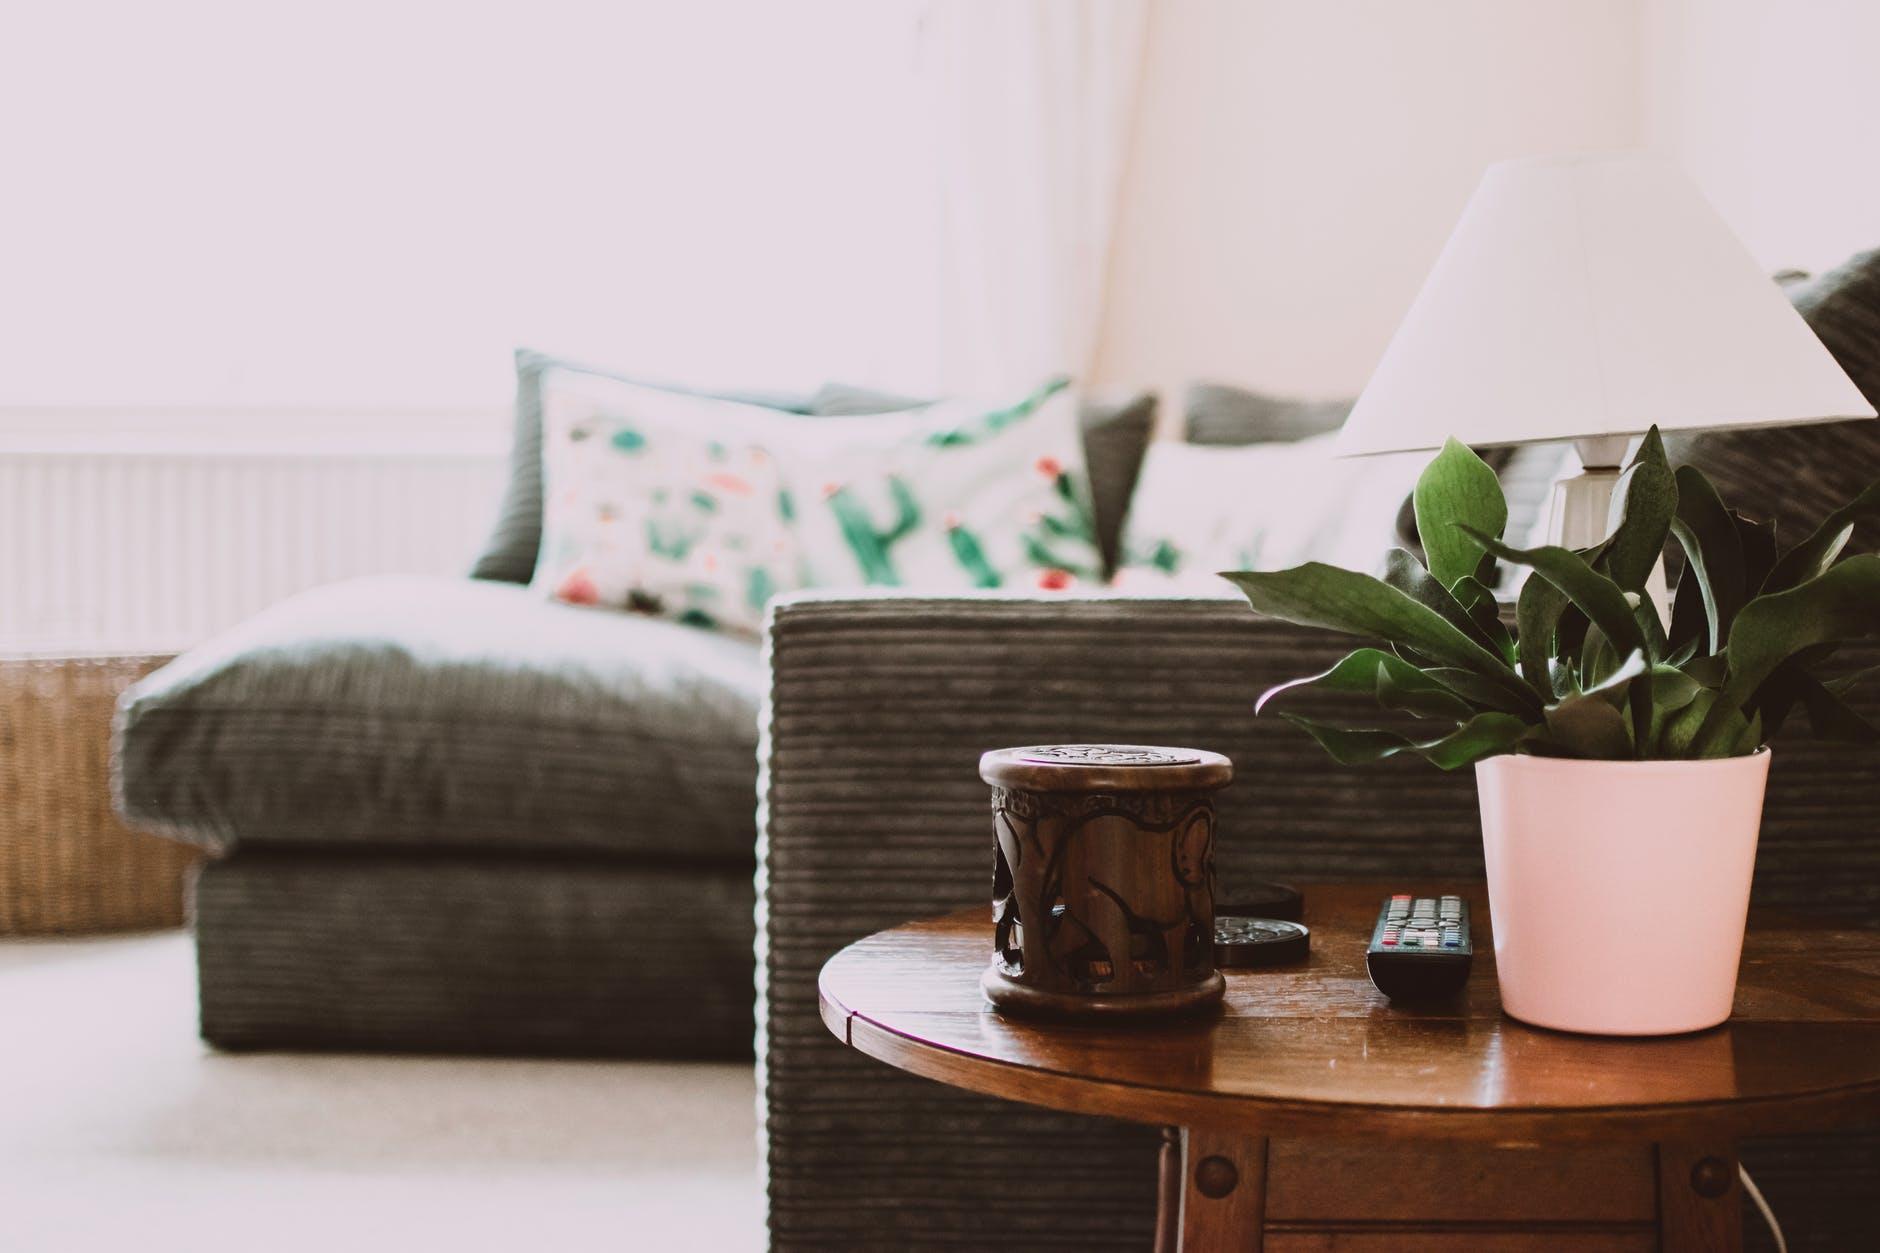 Správně řešená dispozice domu je nutnost. A my vám poradíme, jak na ni